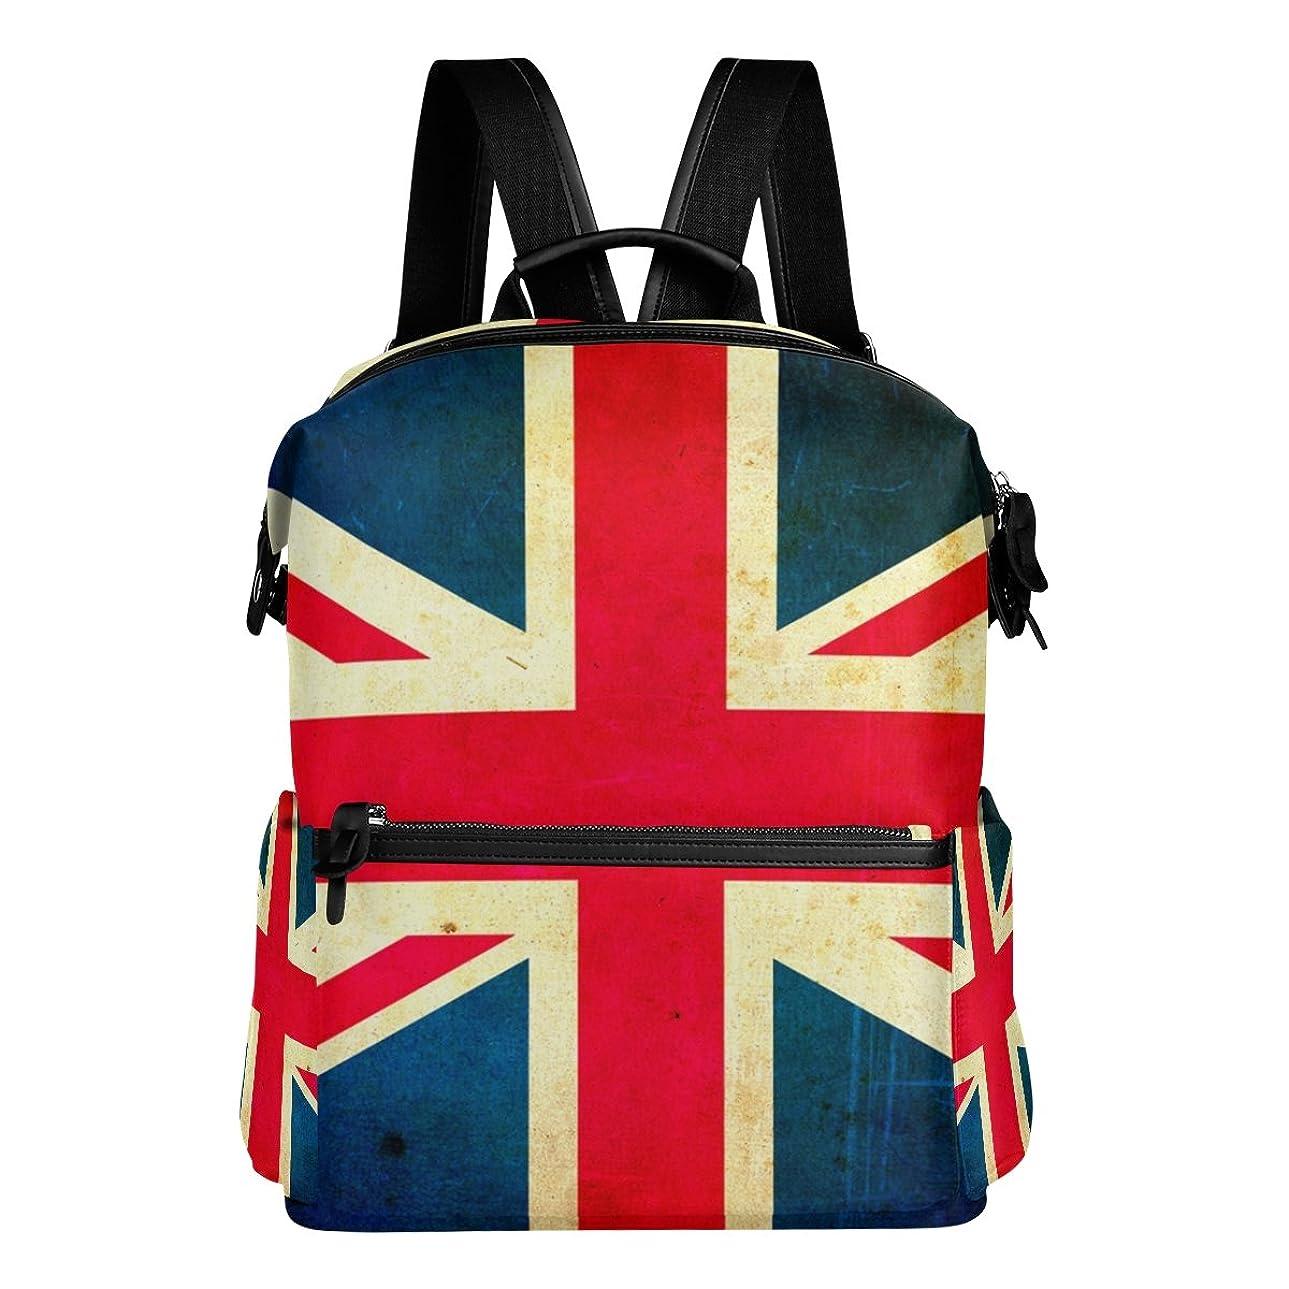 ボックス違反する火星バララ(La Rose) リュックサック 高校生 子供 通学 大容量 かわいい イギリス 国旗 絵柄 リュック レディース 大人 おしゃれ 通勤 軽量 防水 キャンバス バッグ 学生 旅行 収納バック アウトドア デイパック